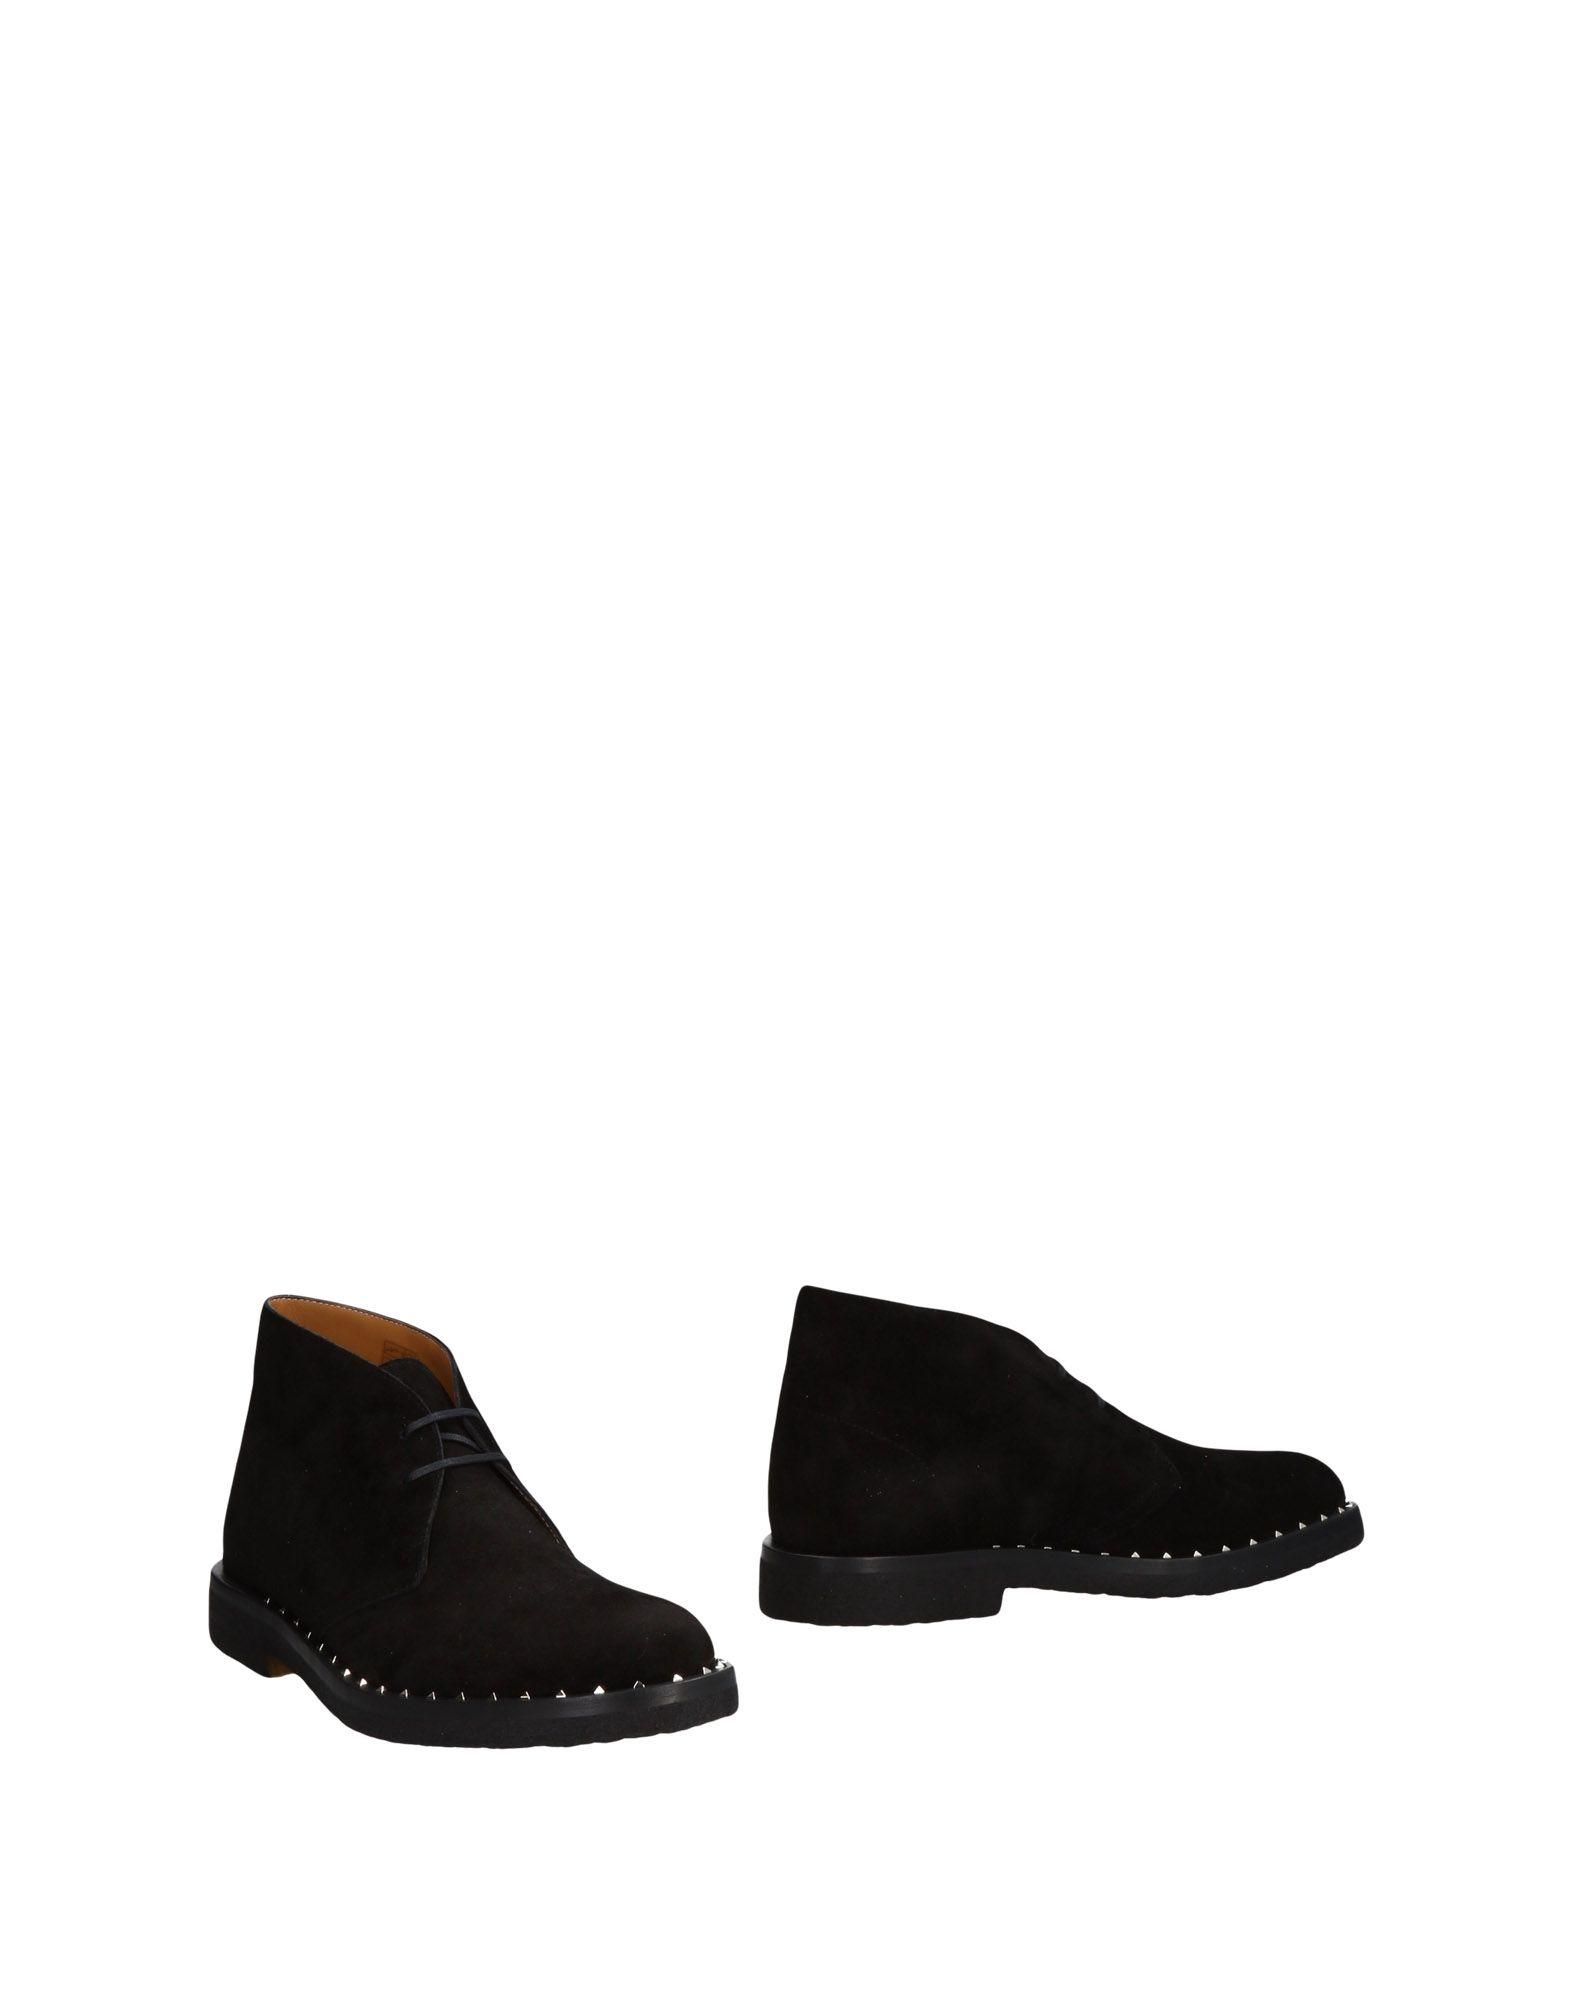 Valentino Garavani Stiefelette Herren  Schuhe 11462233JQ Gute Qualität beliebte Schuhe  6ba622